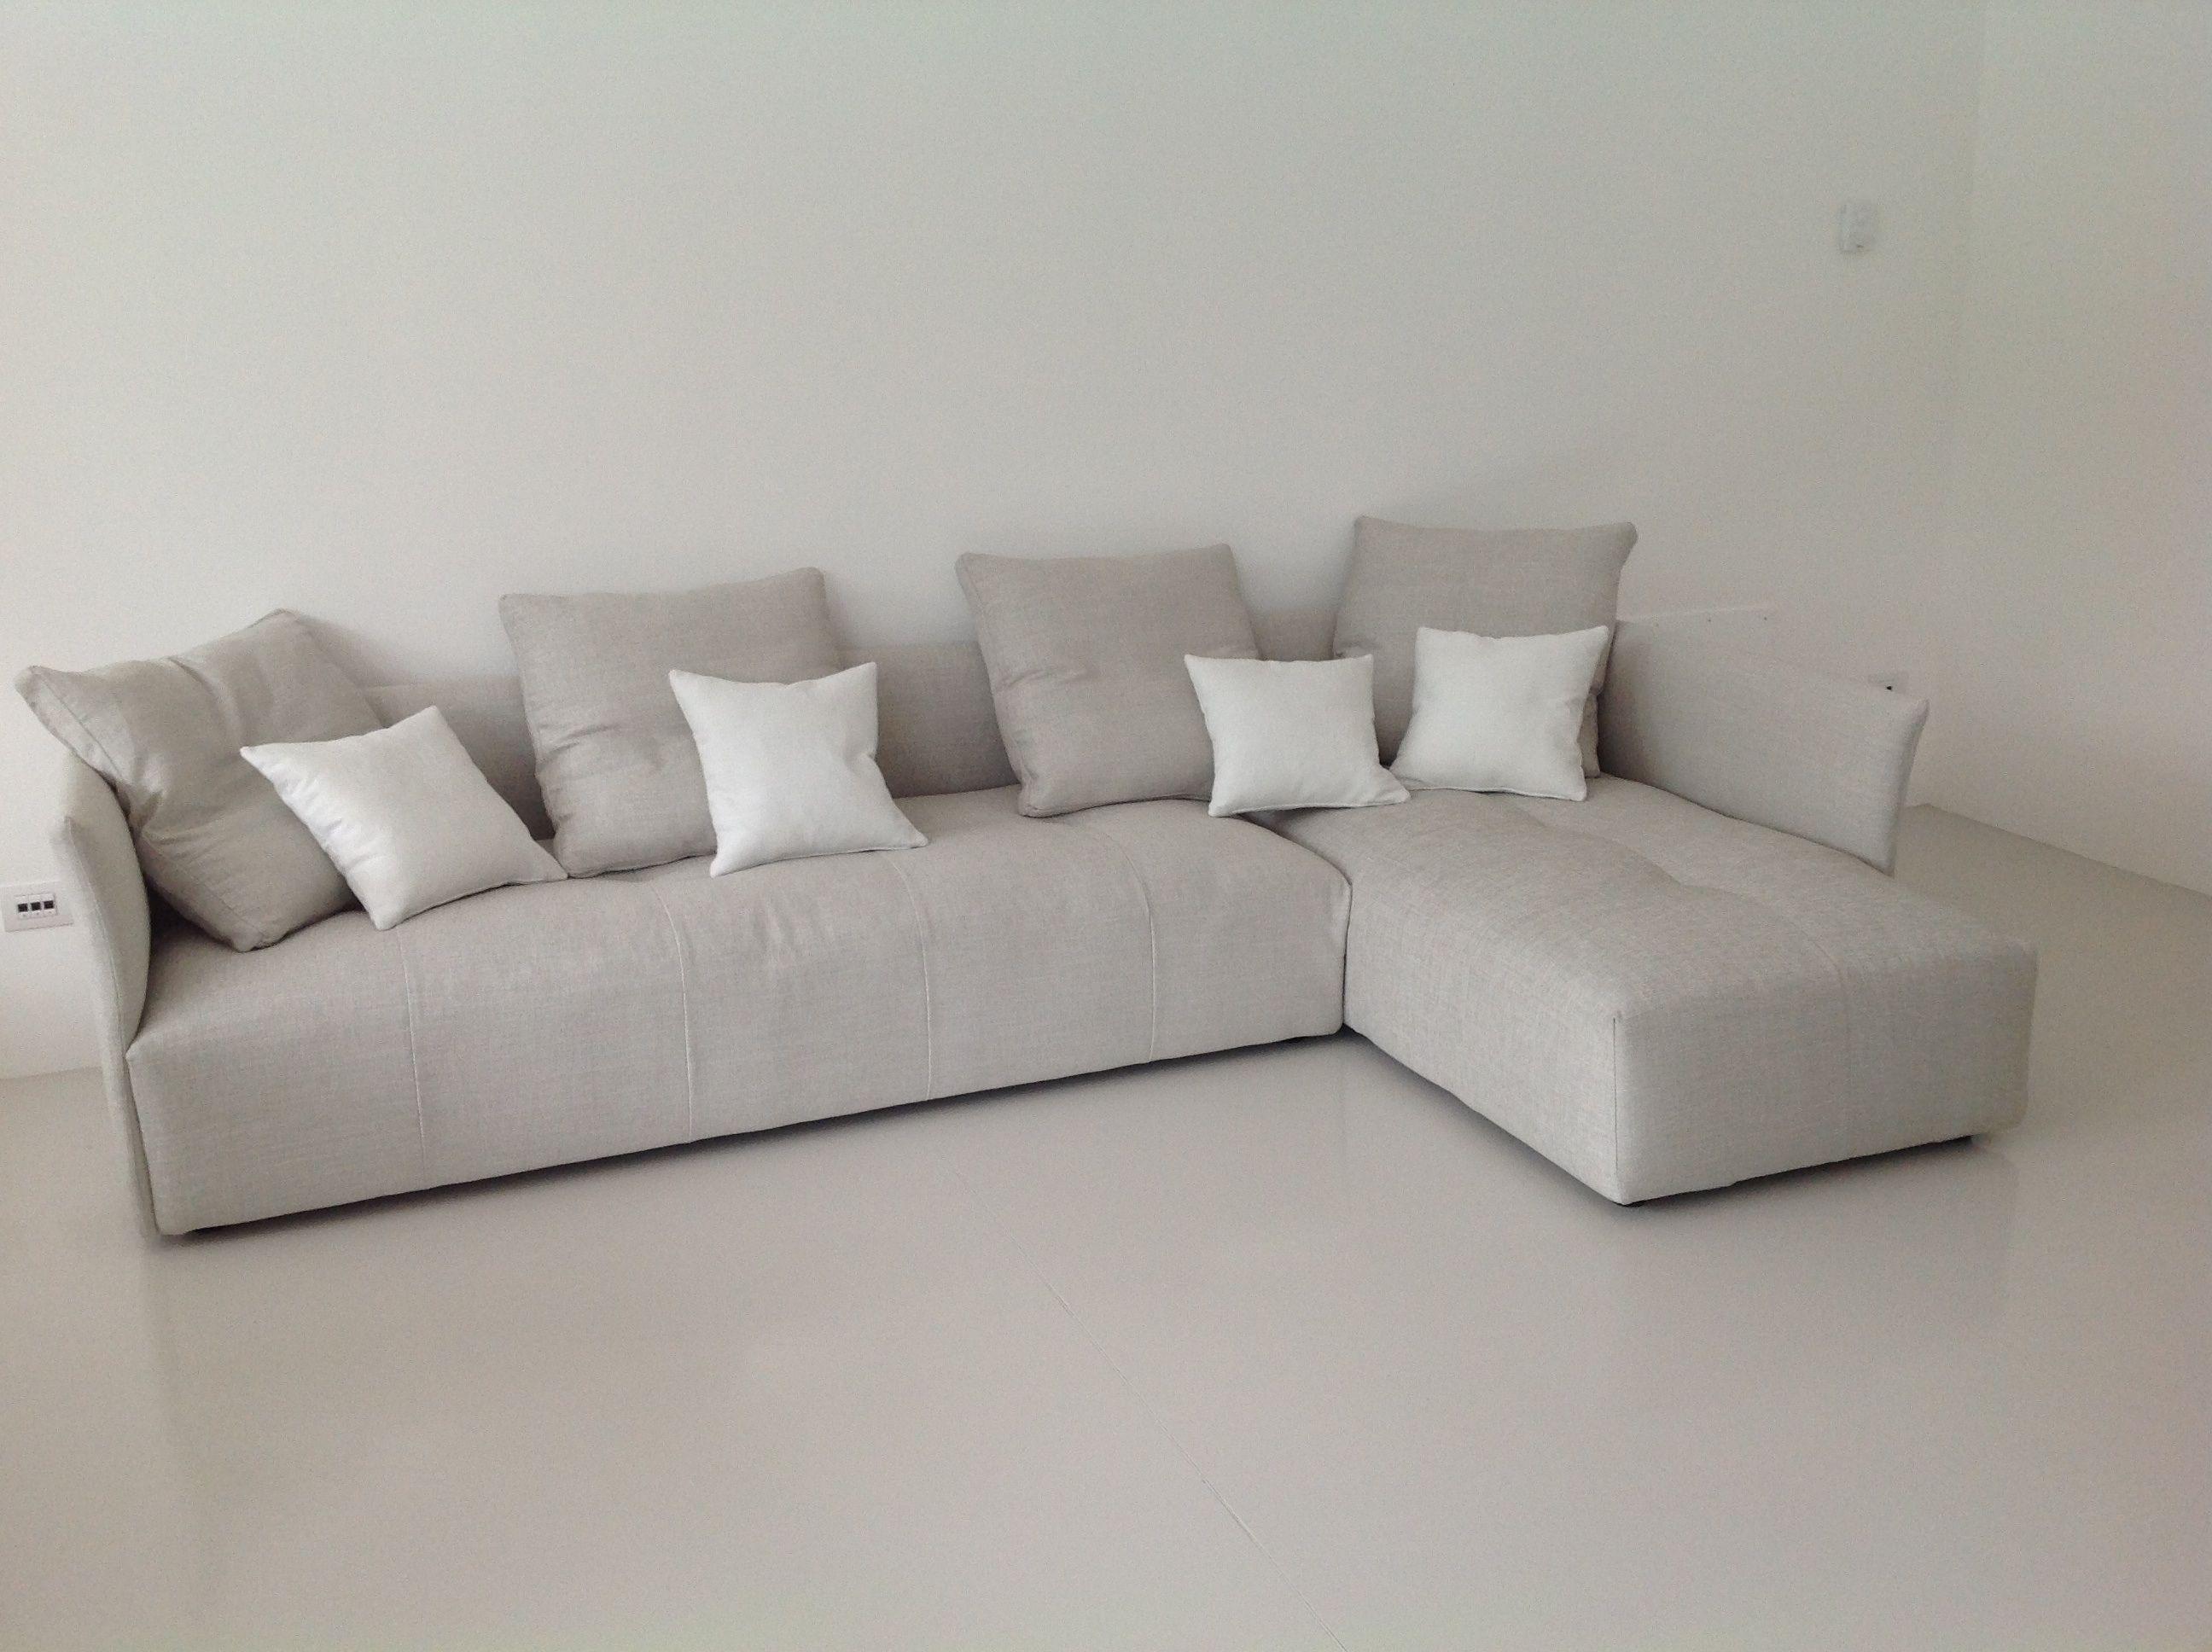 Divano componibile in tessuto braccioli slim per ridurre - Prodotti per pulire il divano in tessuto ...